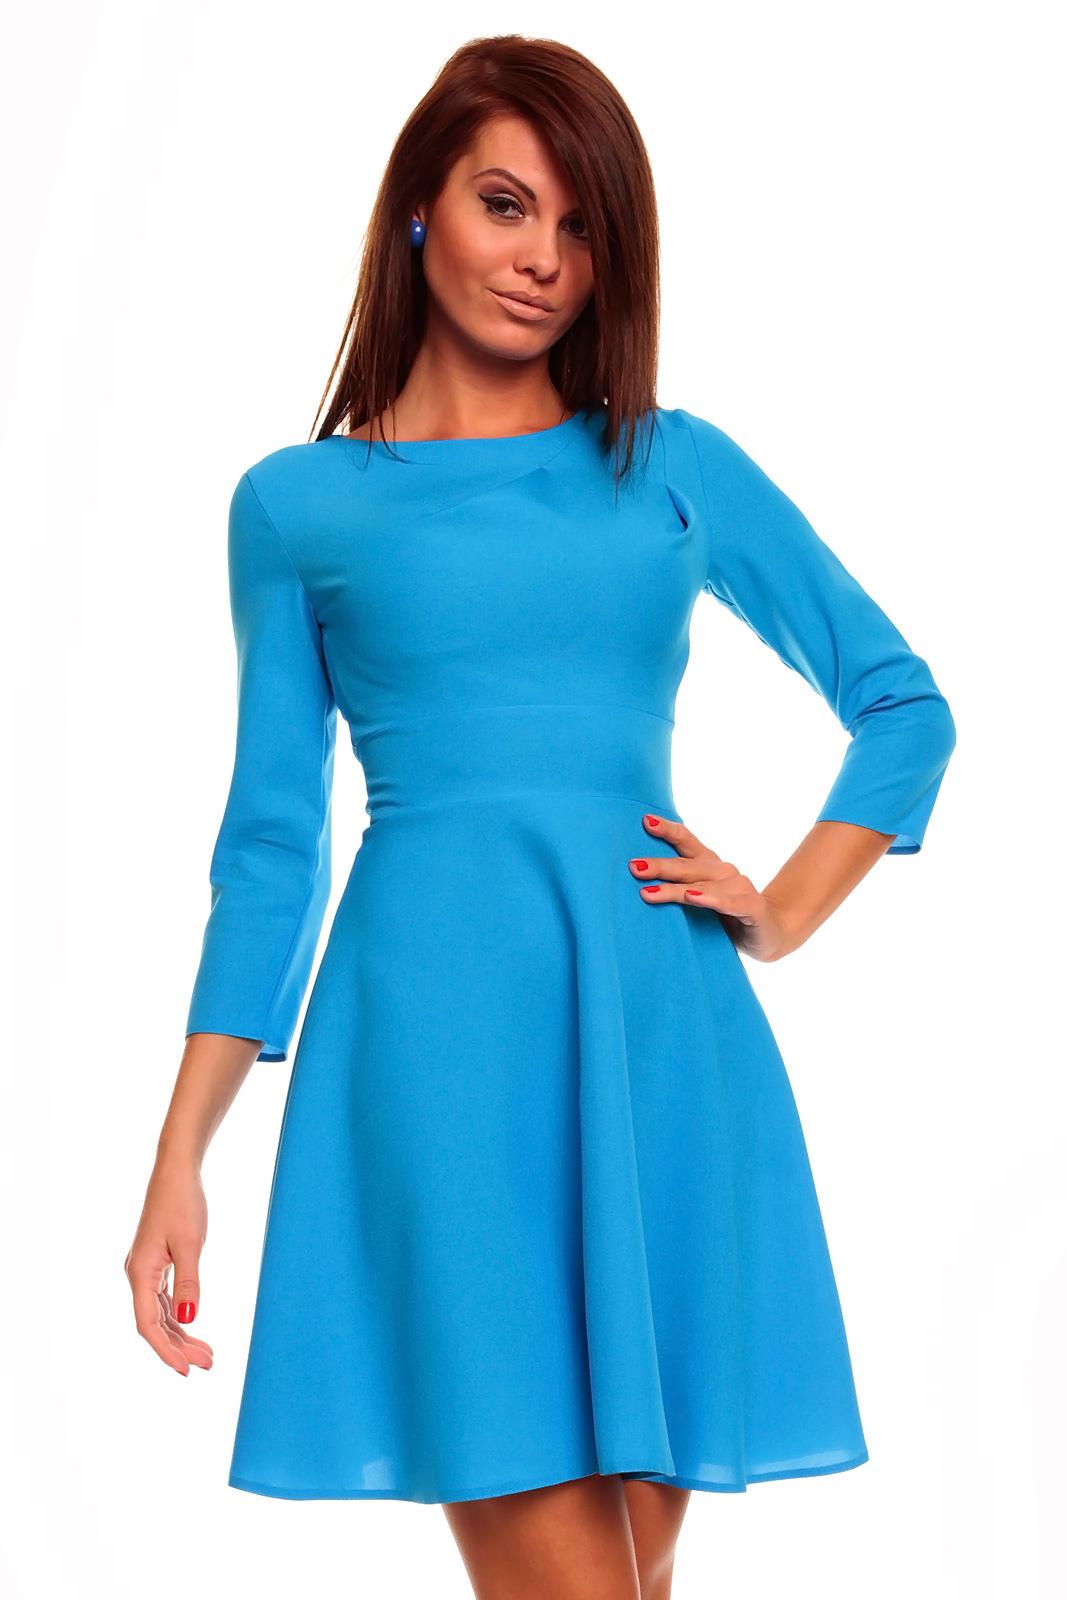 купить офисные блузы рубашки и юбки